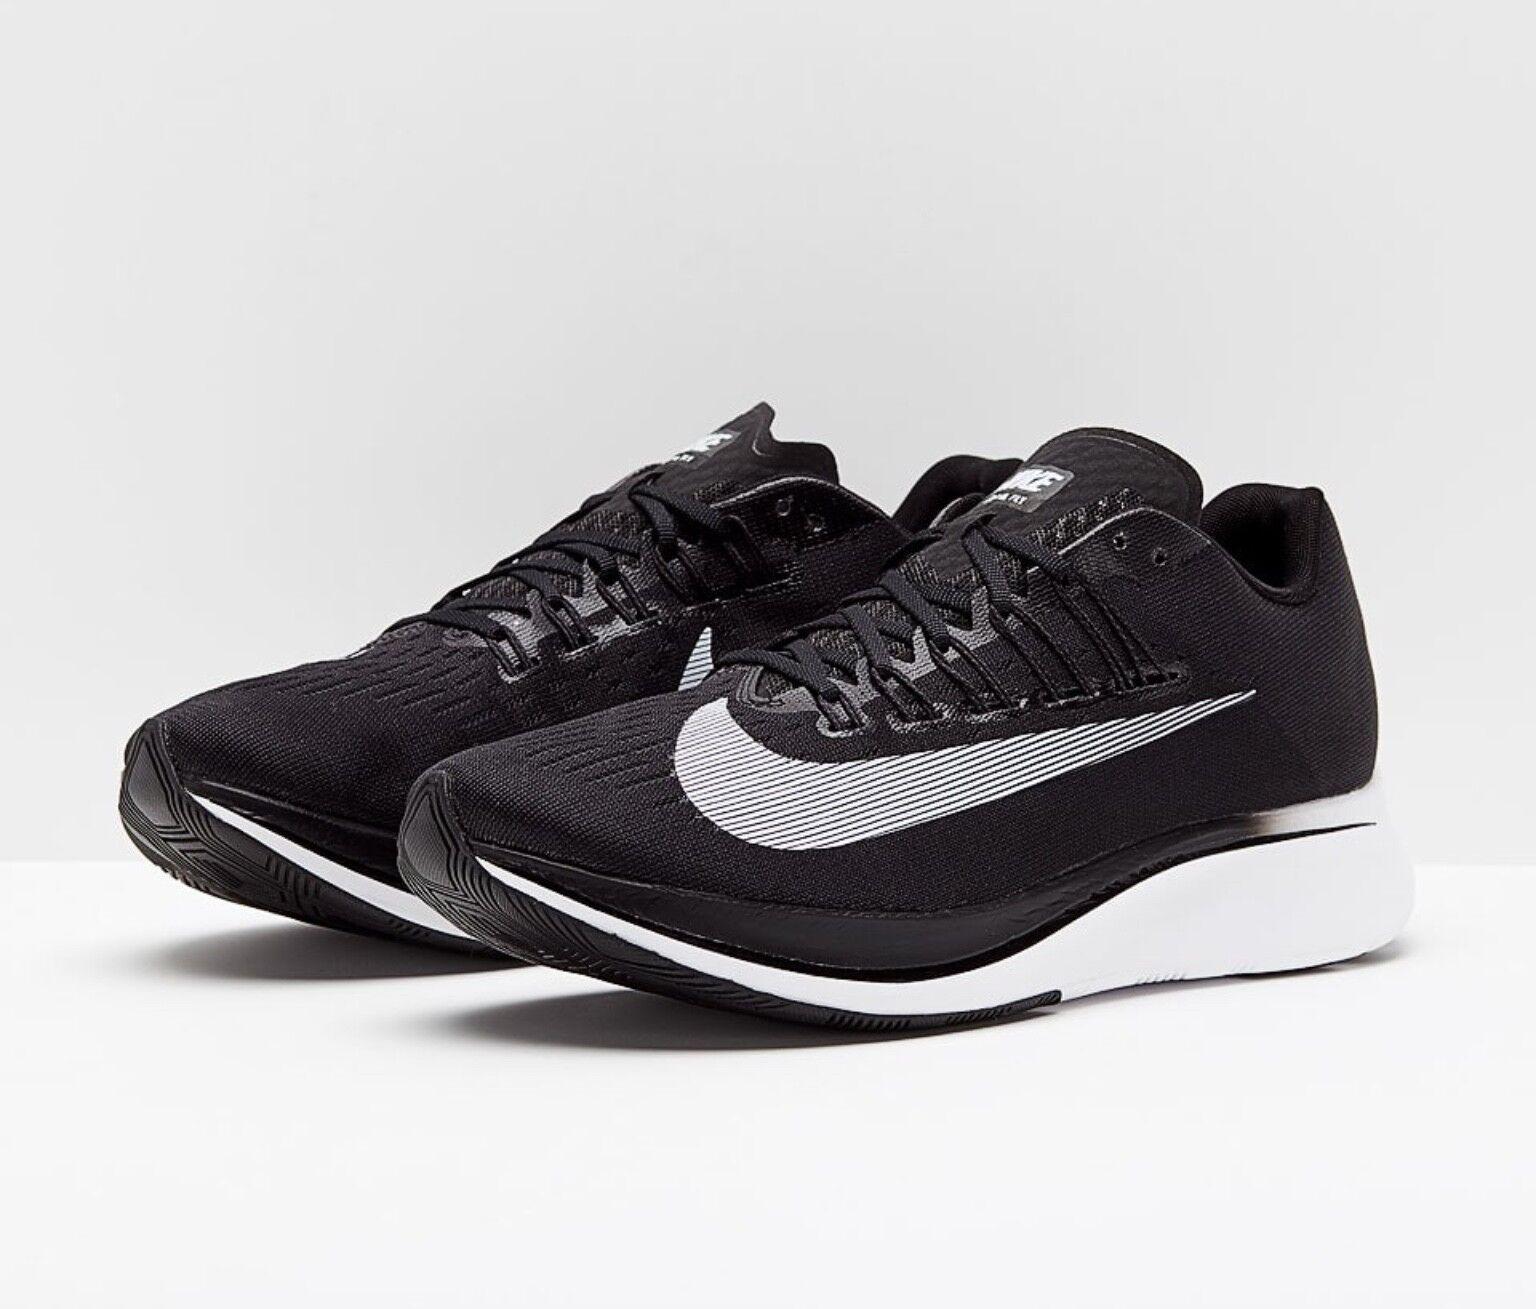 Nike Nike Nike Zoom Fly Running schuhe Trainer 880848-001 UK9.5 EU44.5 US10.5   428b3b